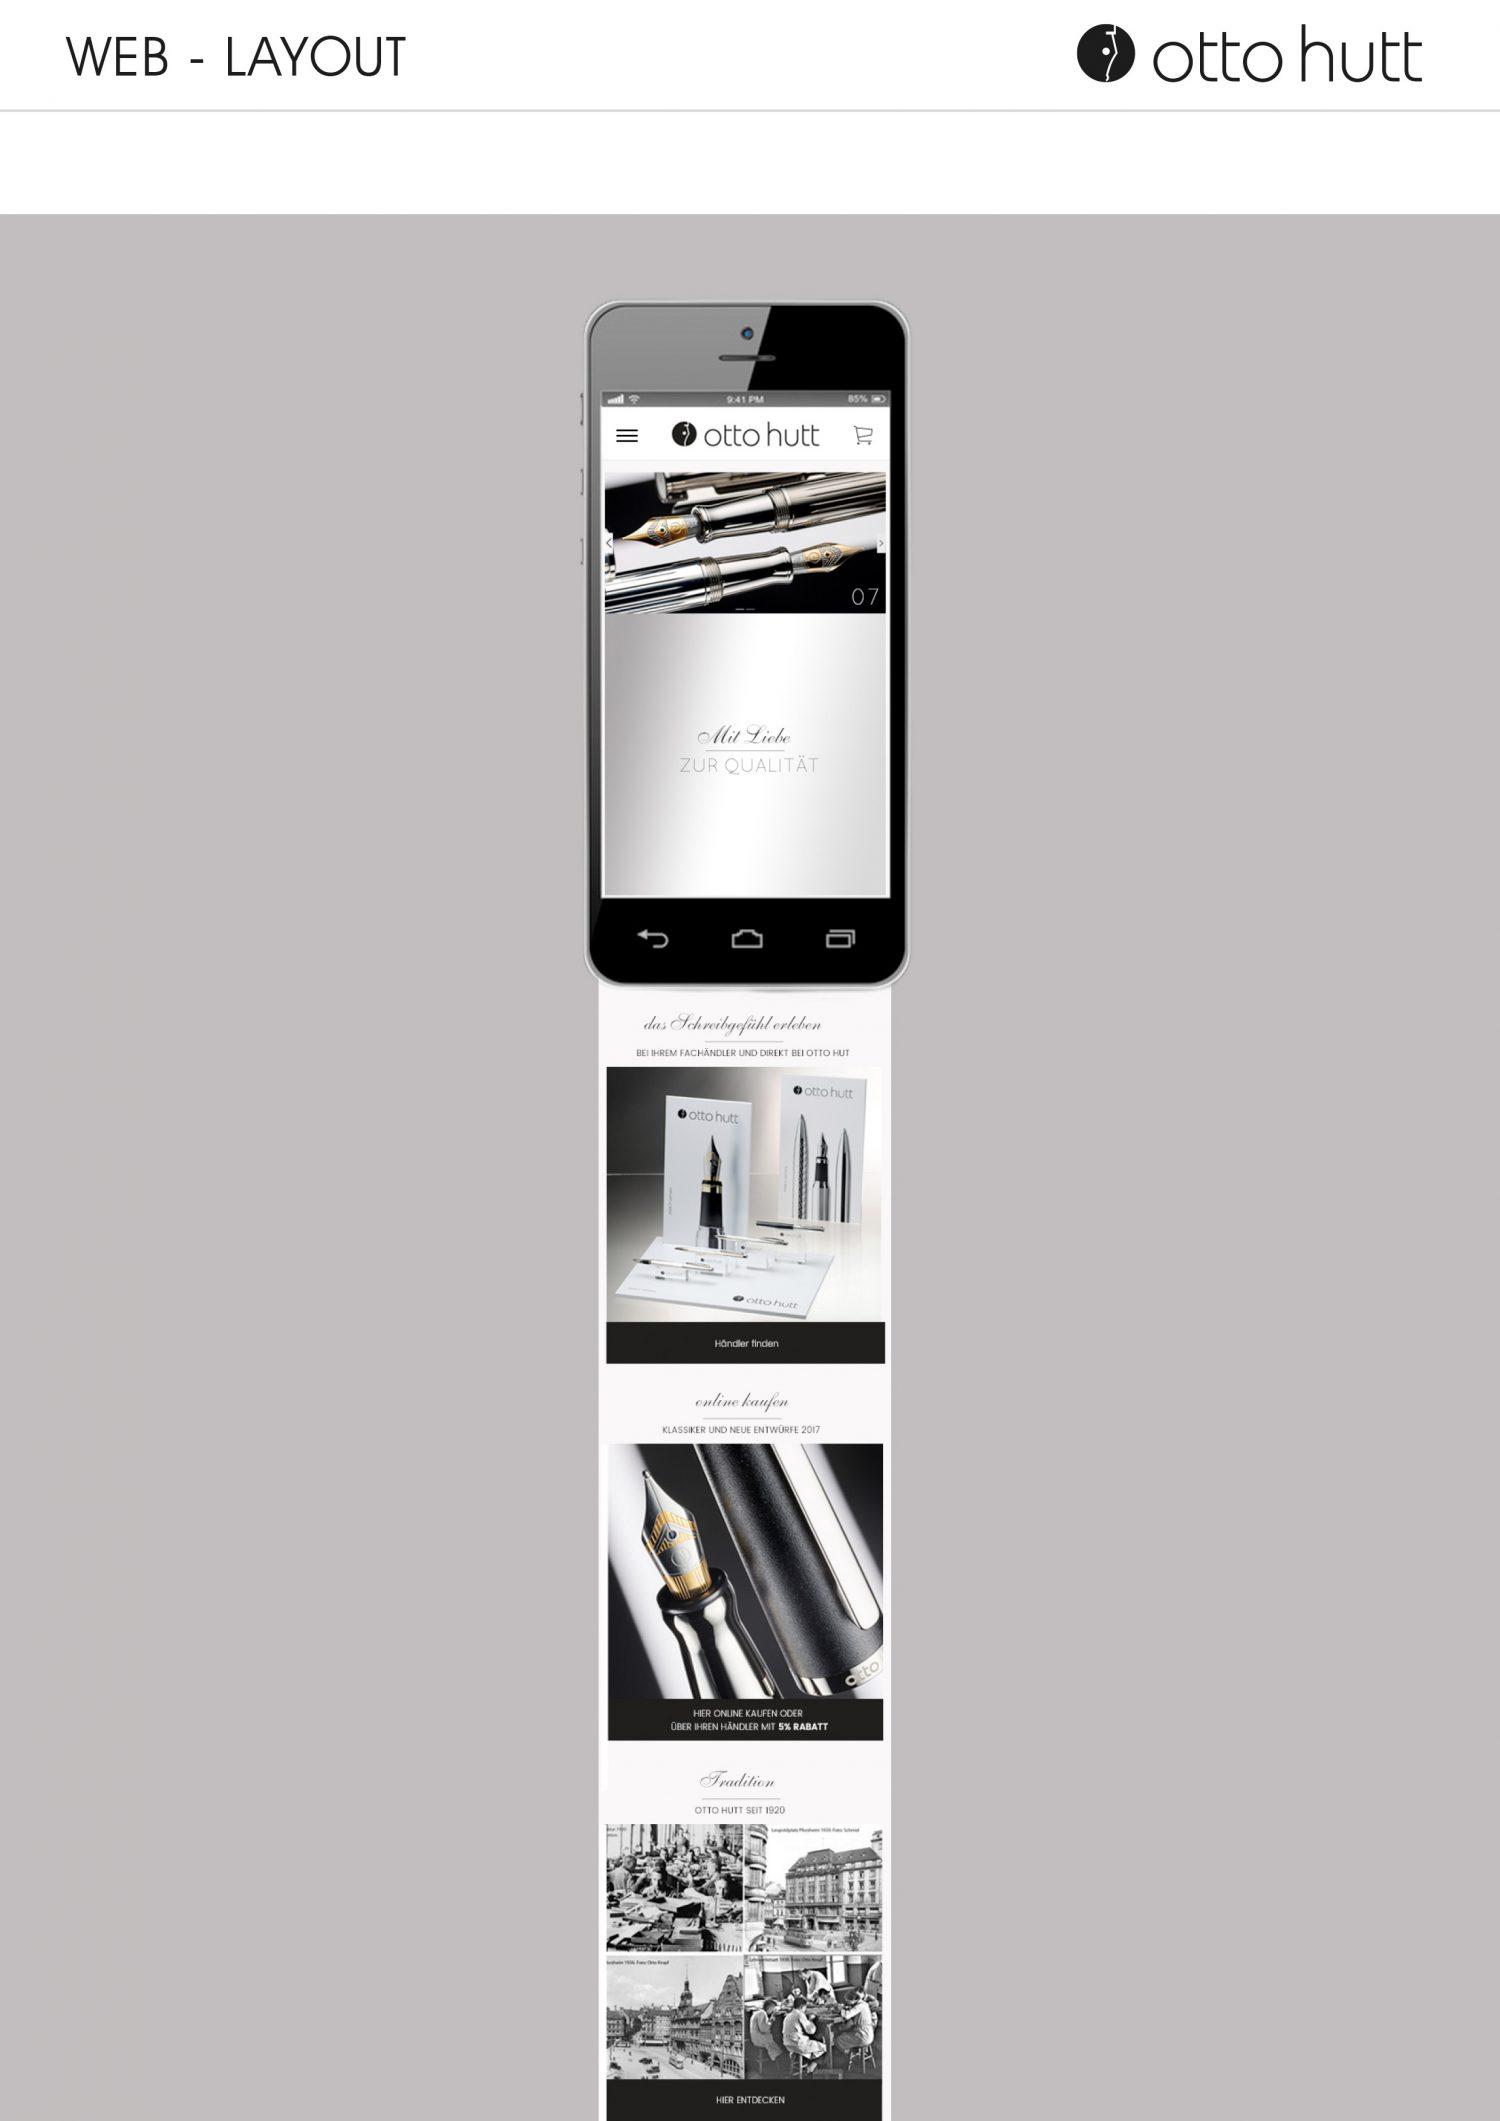 webshop-pforzheim-webdesign-schmuck-otto-hutt3